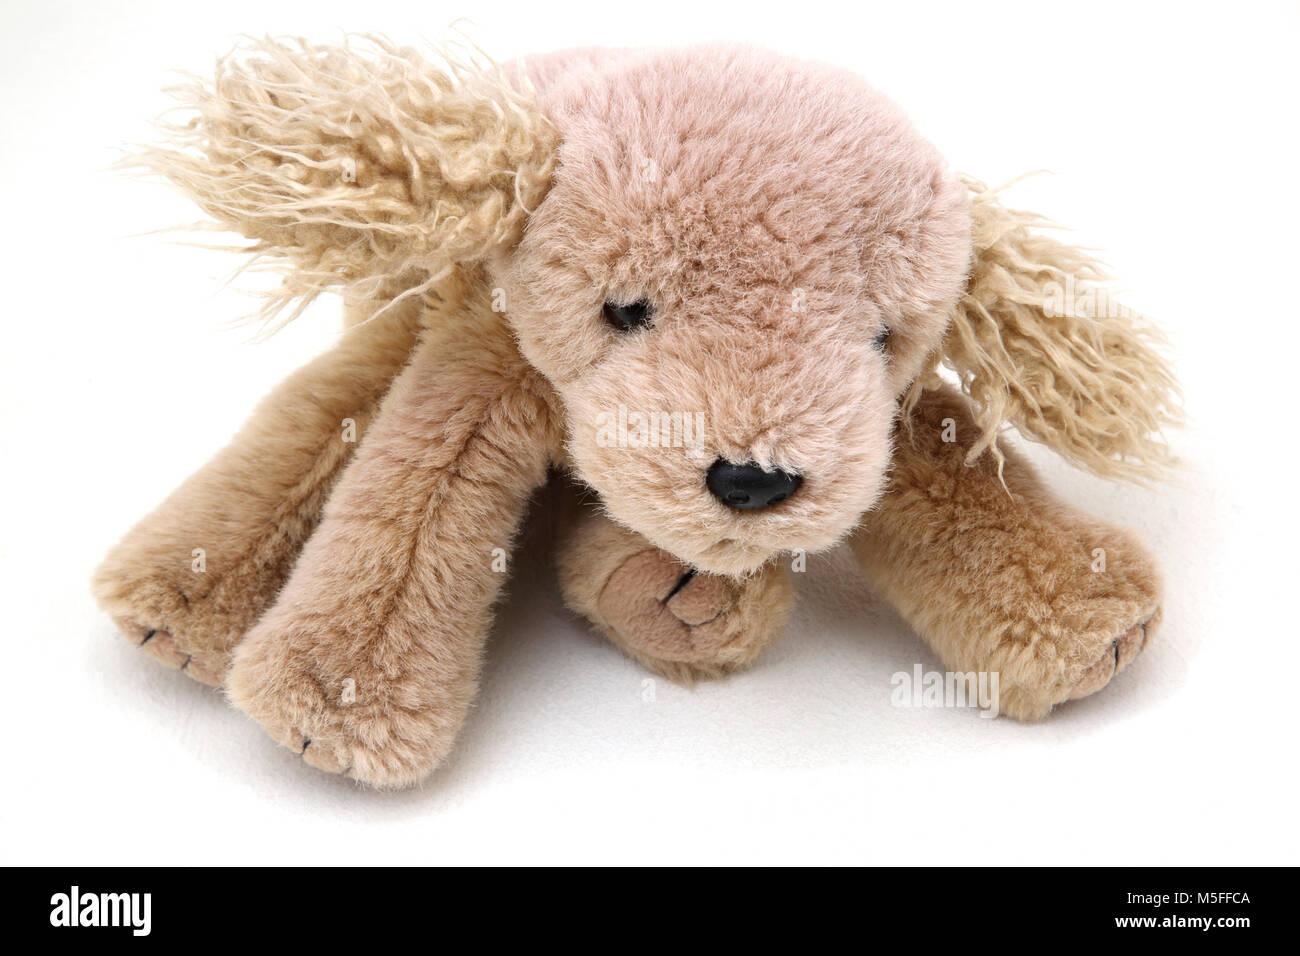 Ty beanie baby dog stock photo alamy jpg 1300x956 Beanie baby dog ea4b36e5ac19